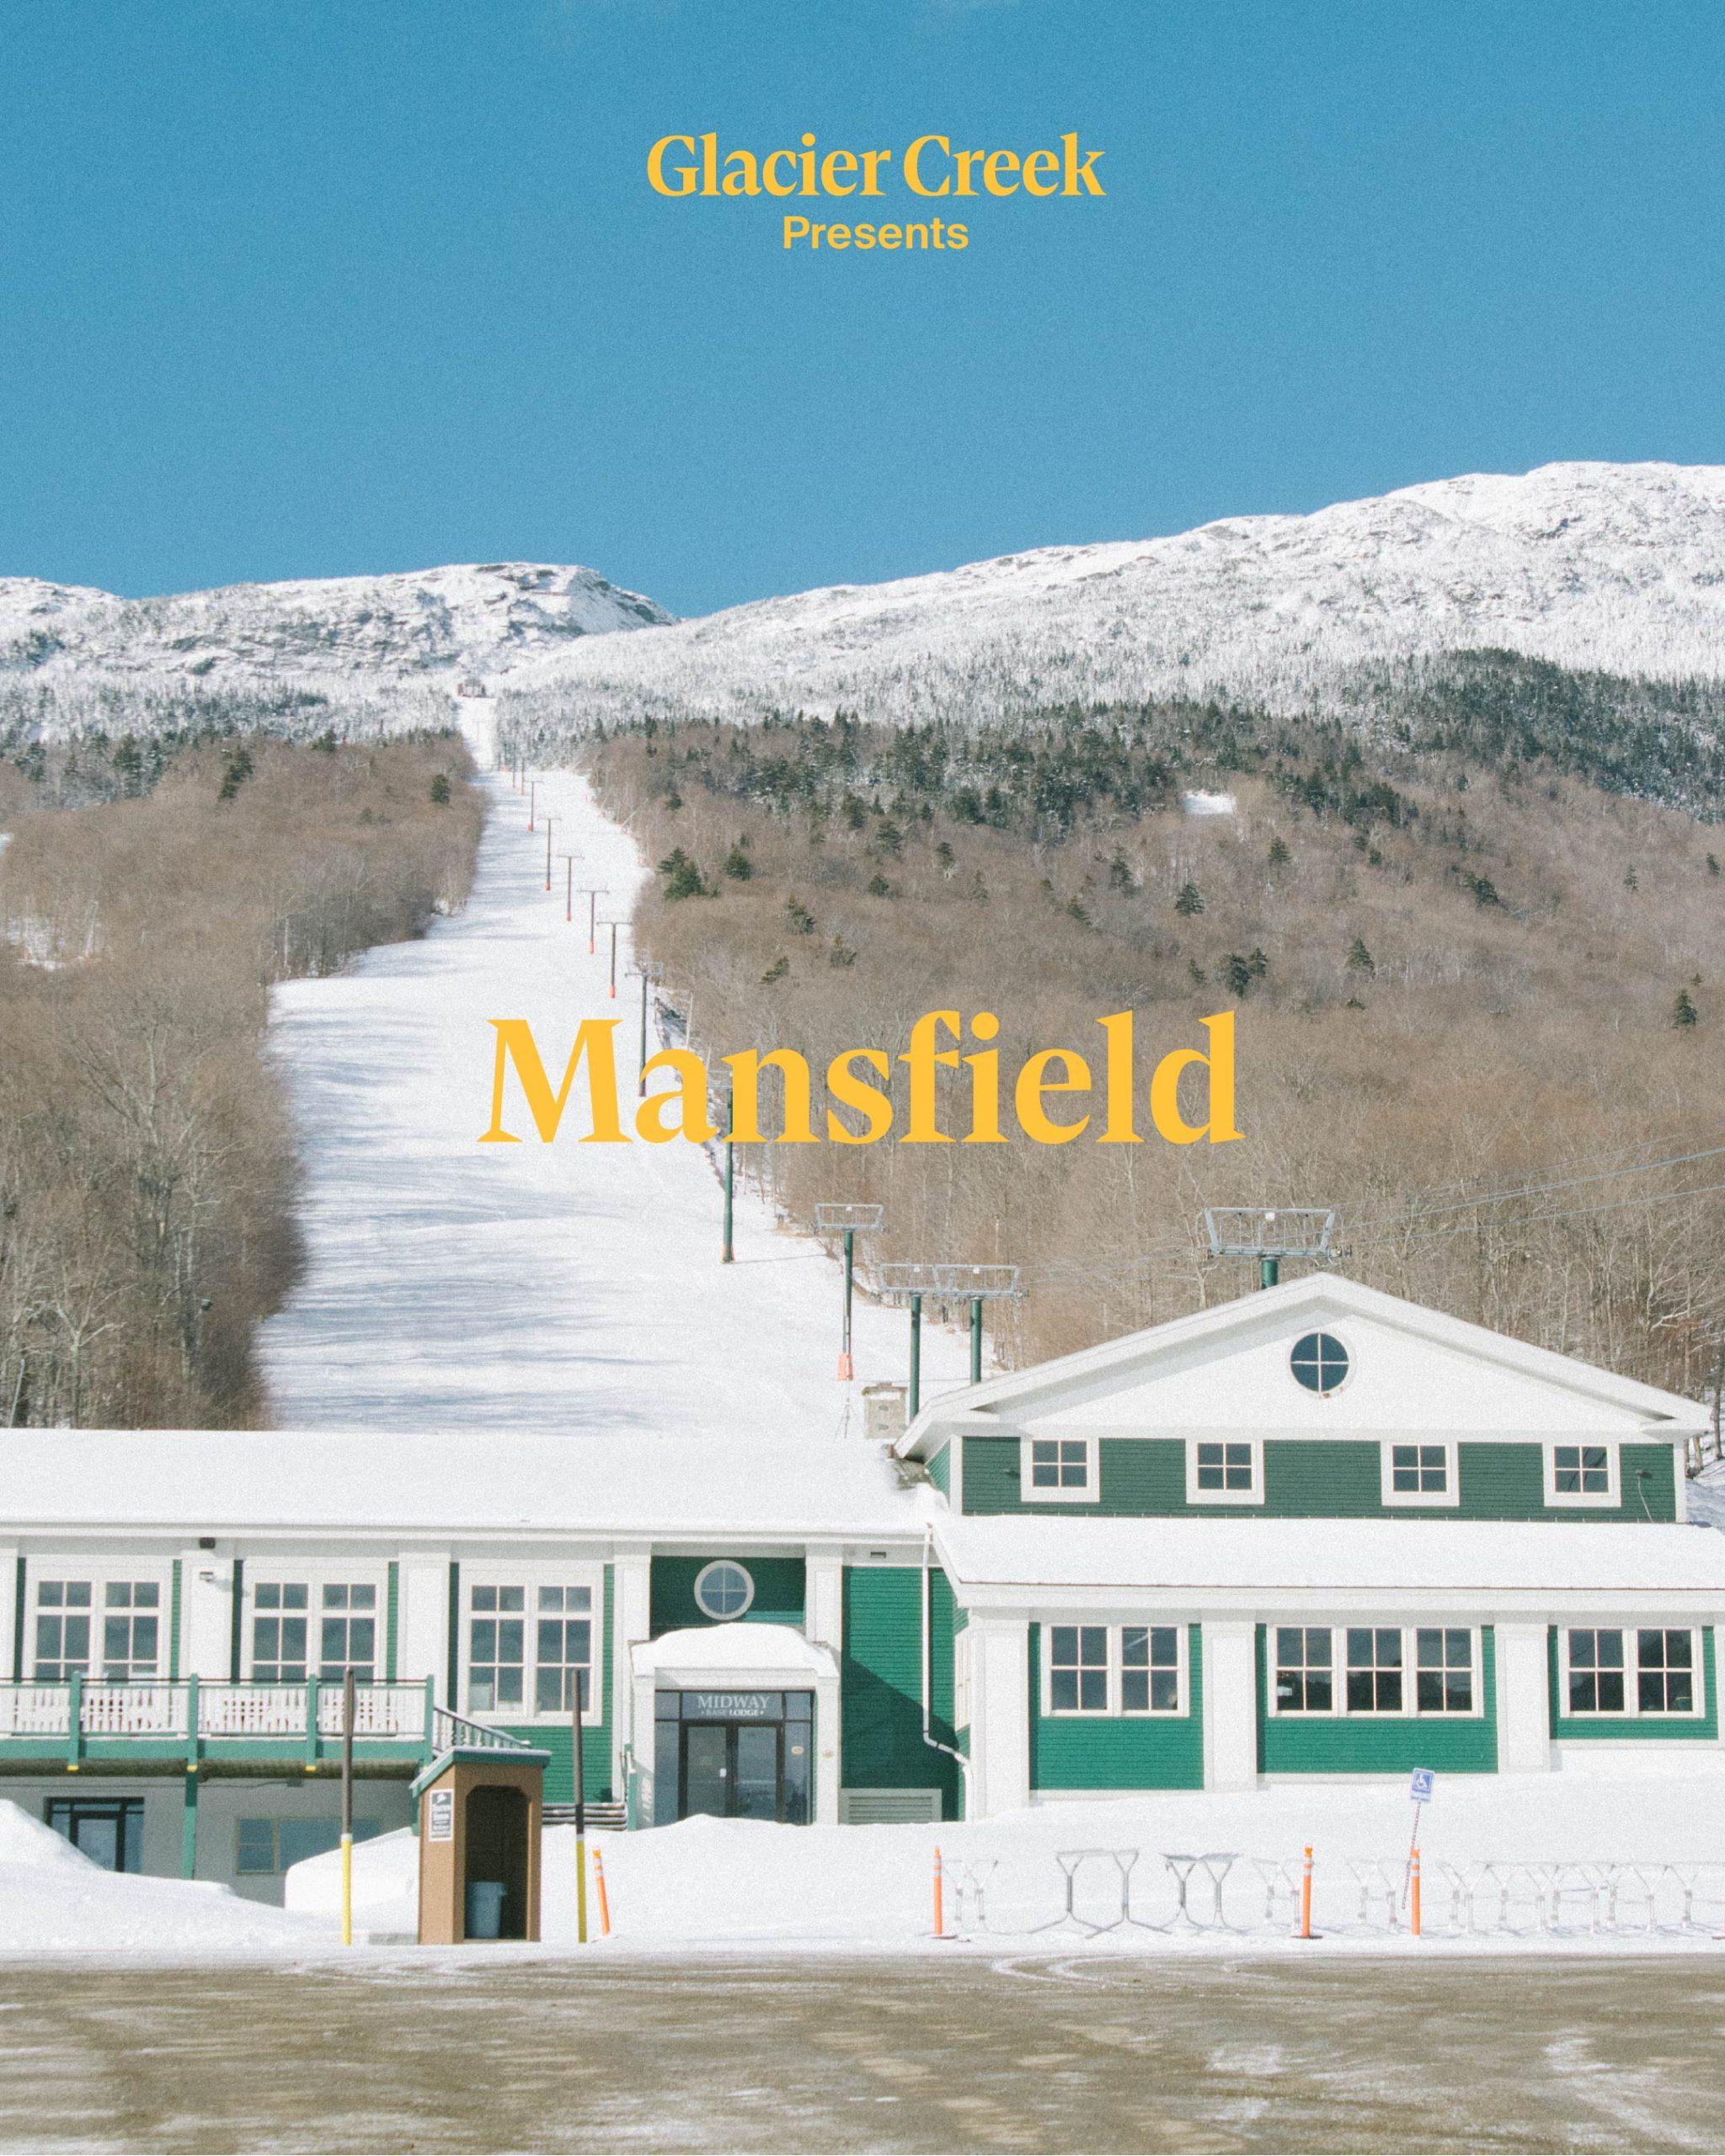 mansfield-4×5-thumb@2x-50